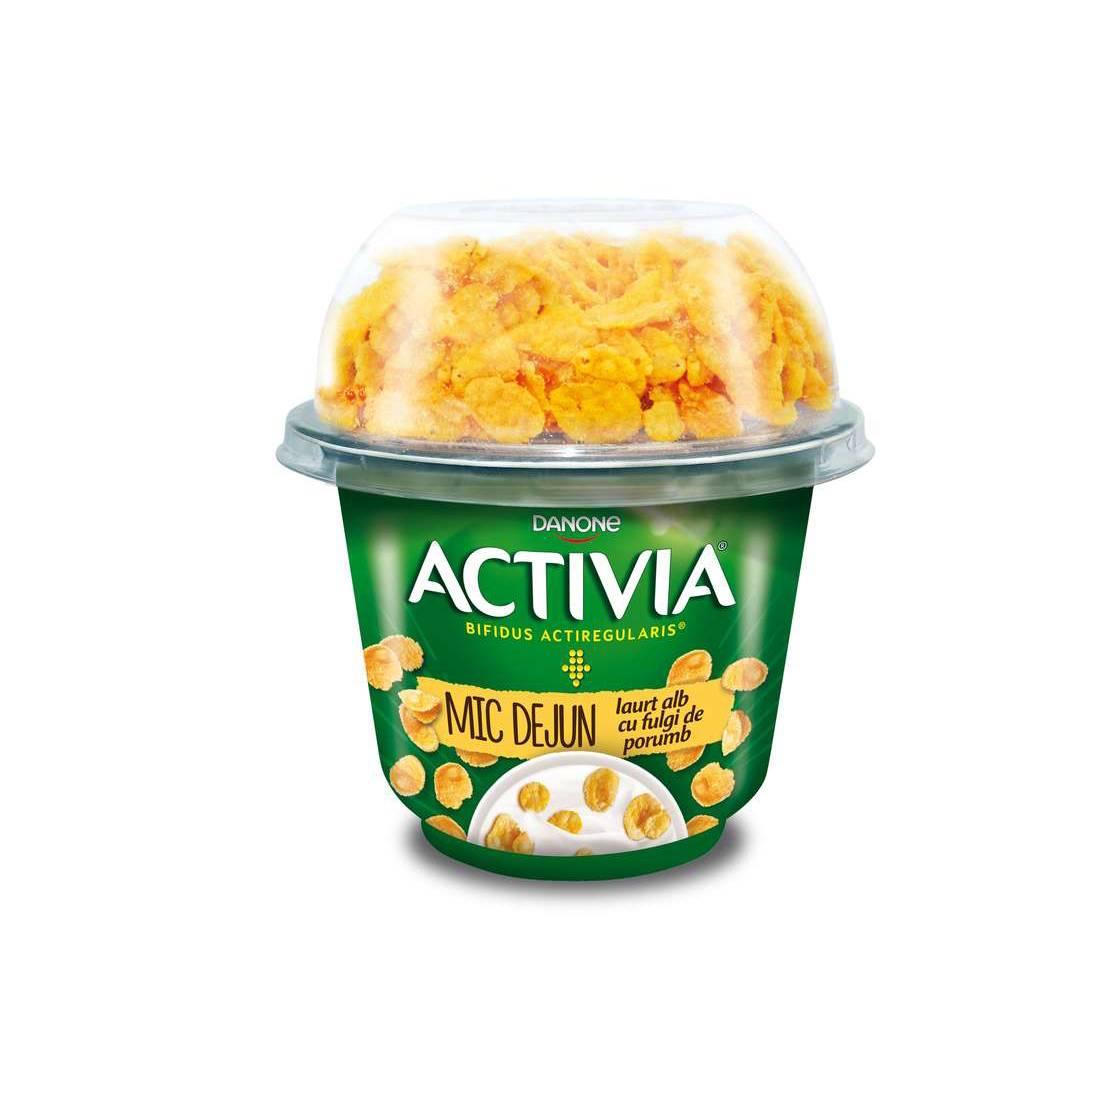 Iaurt Activia mic dejun  fulgi/porumb 3,0% 168g